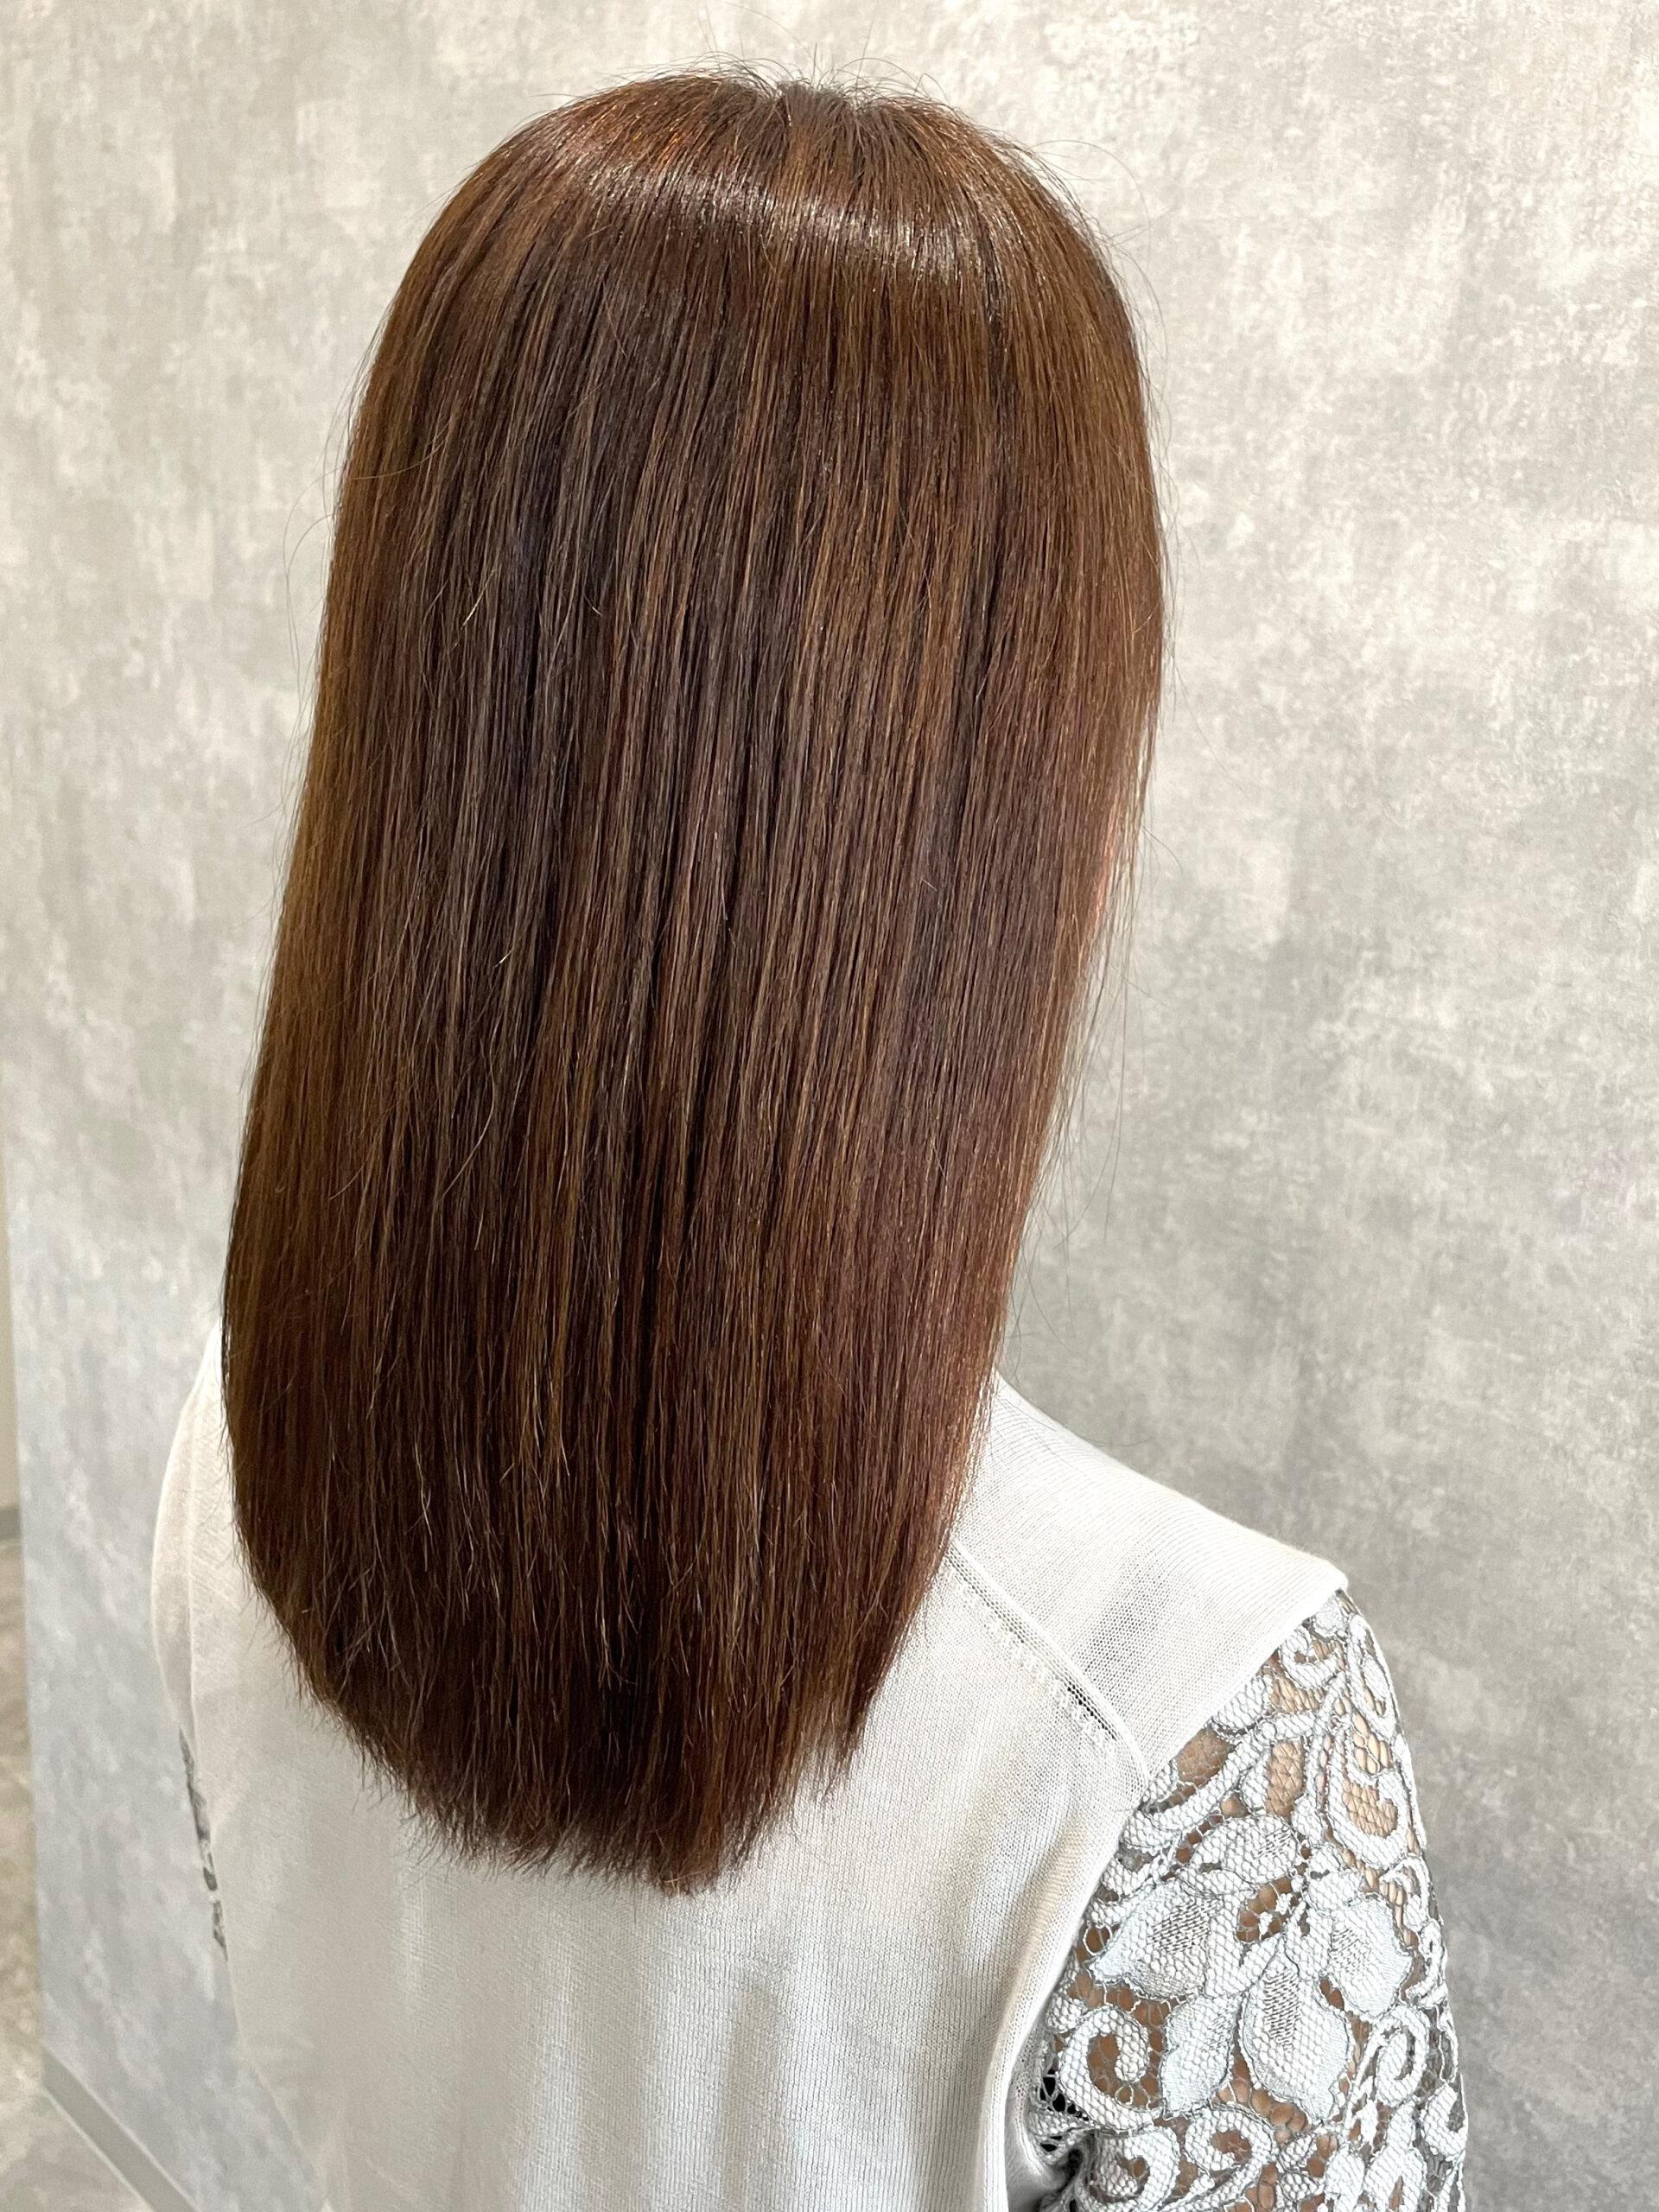 大分県別府市 エイジング毛のハイダメージ毛でも弱酸性の縮毛矯正なら綺麗になります! アフター